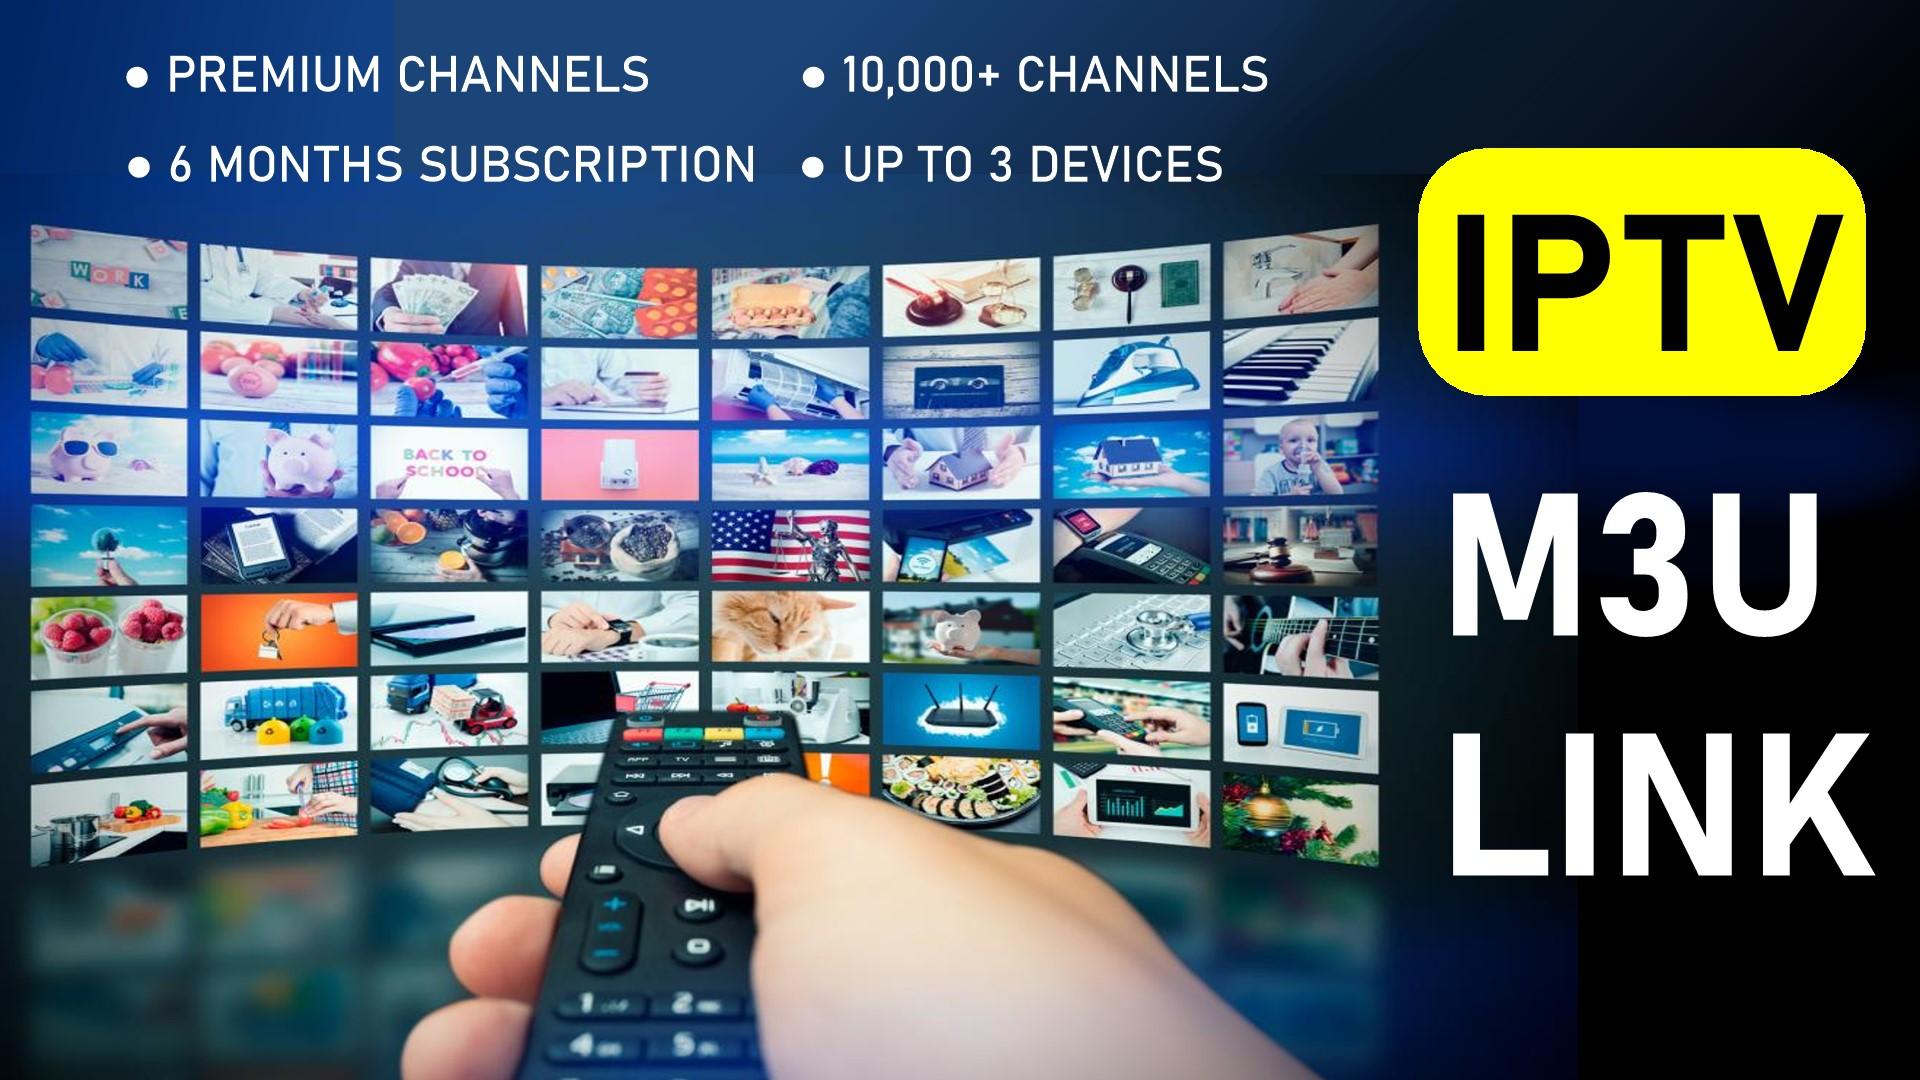 IPTV M3U Playlist Link - 10,000+ PREMIUM Channels Worldwide for 6 Months